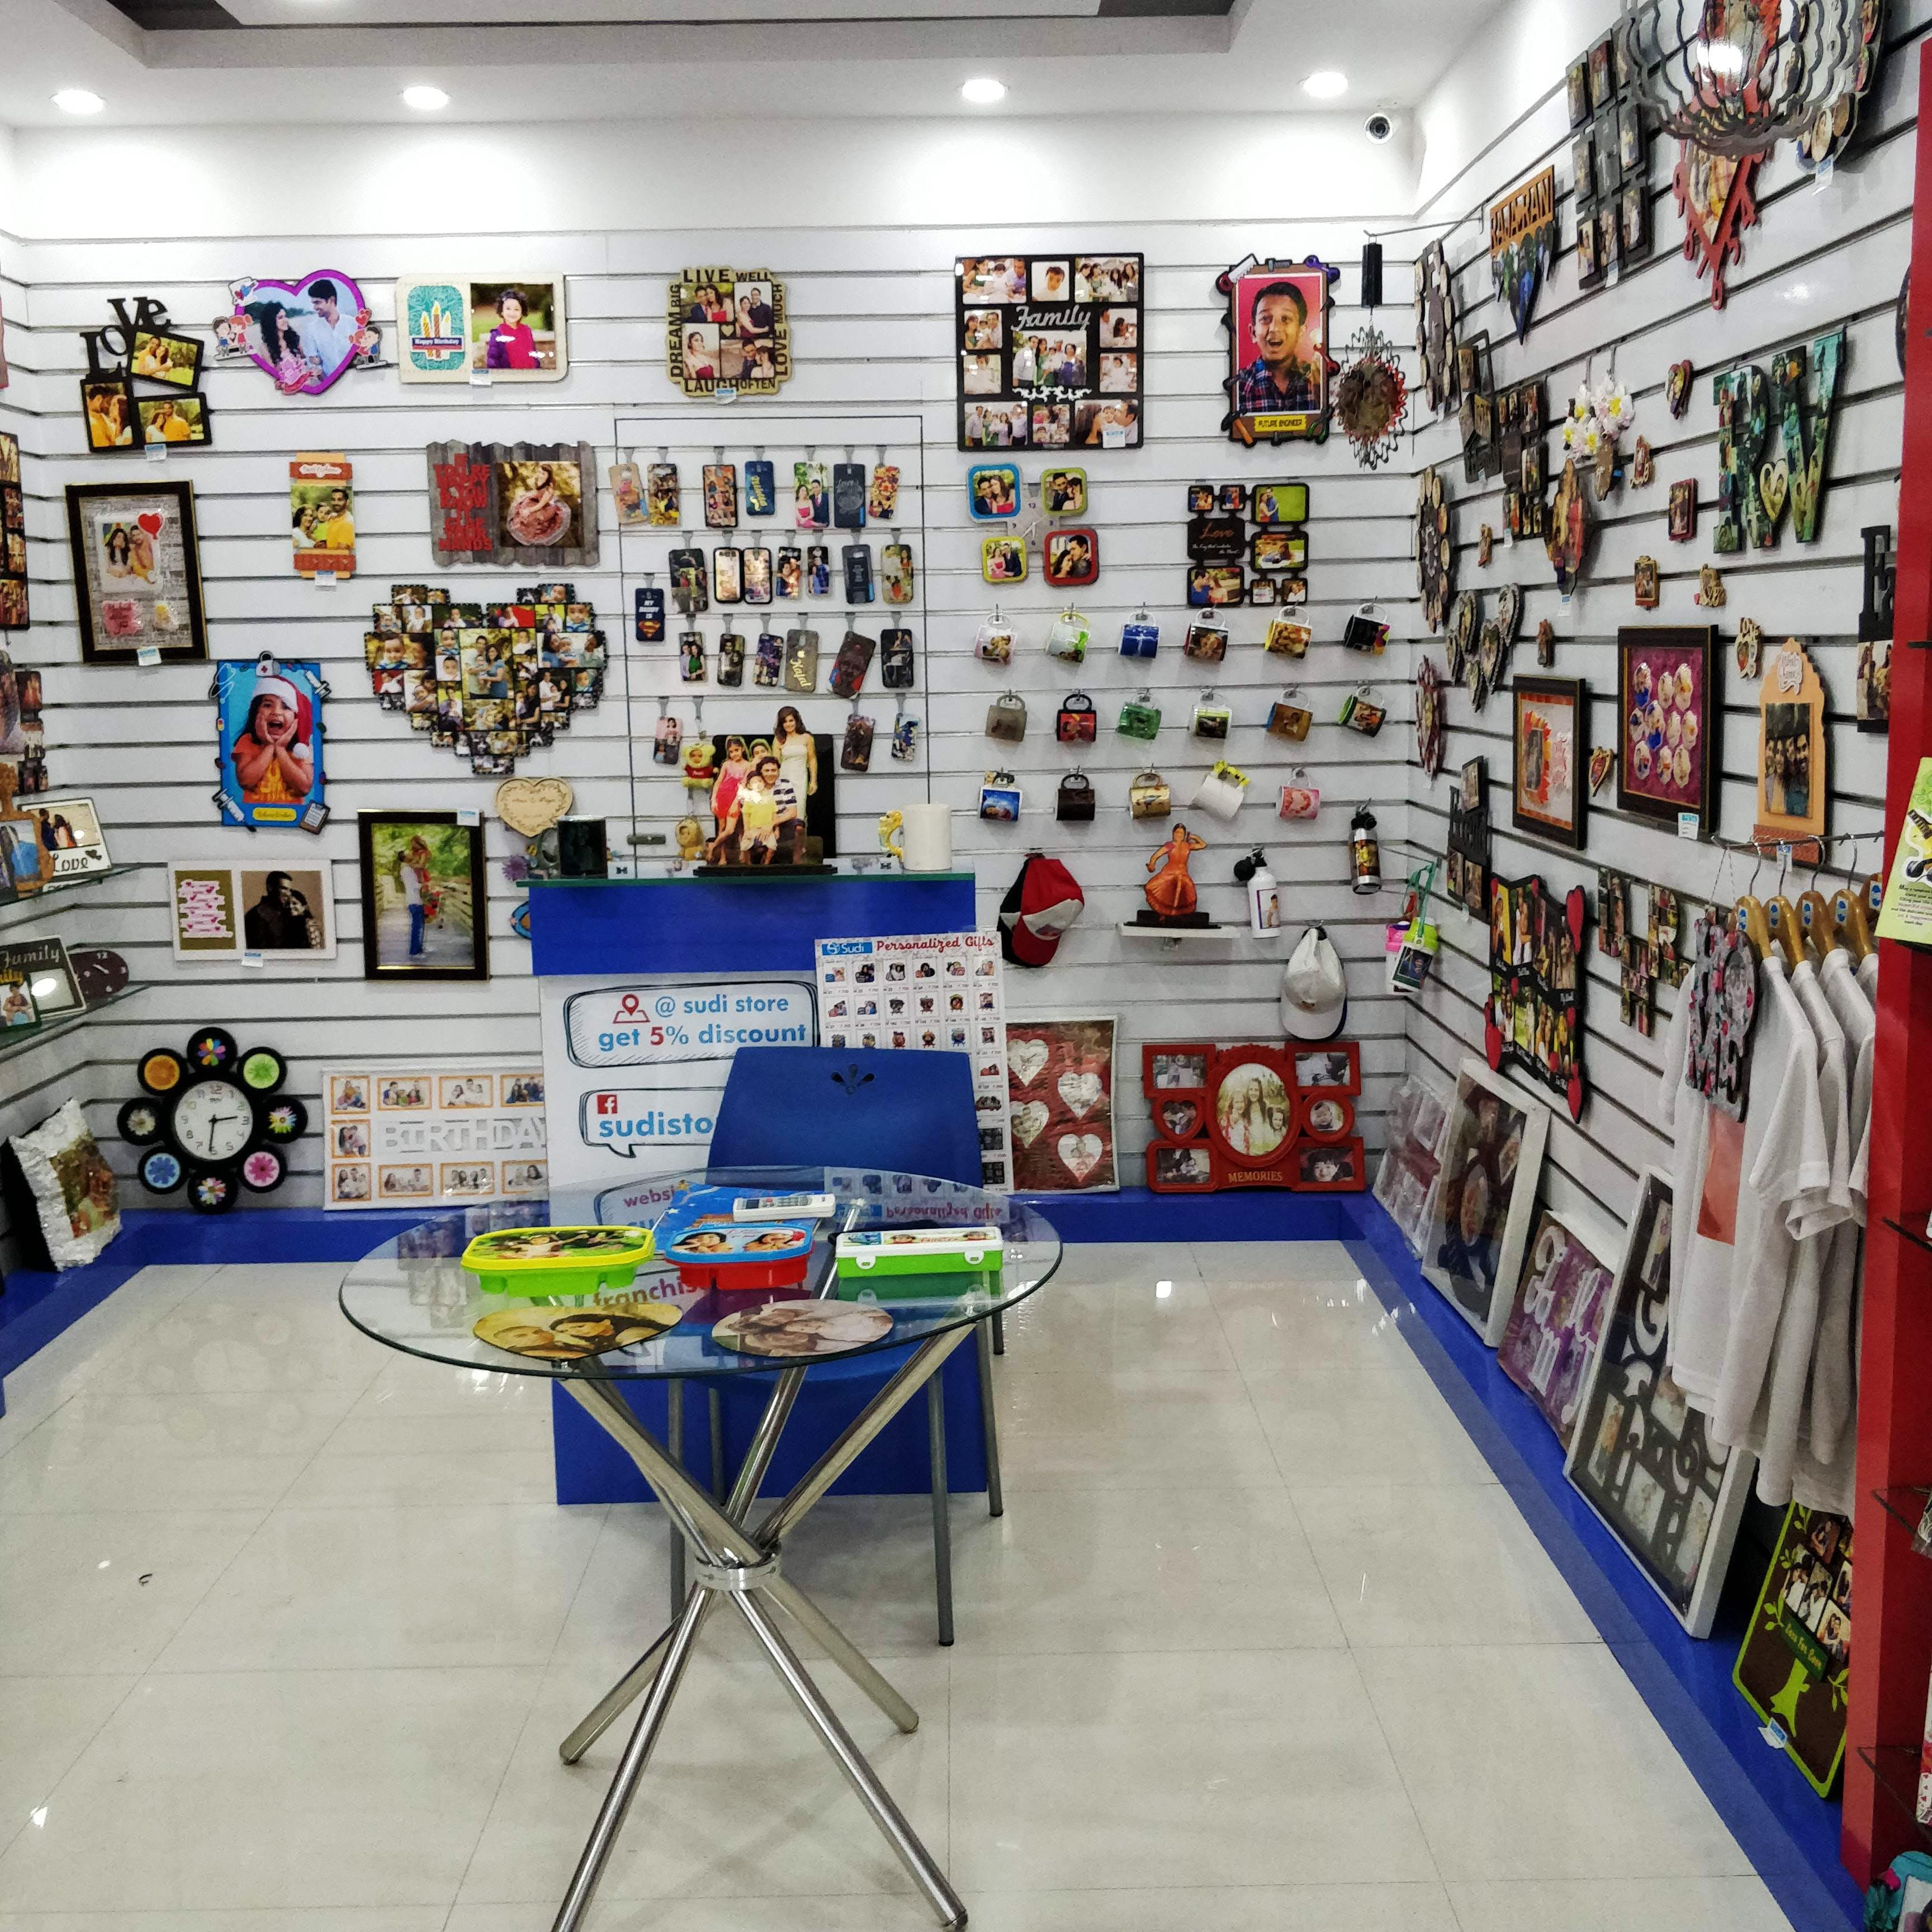 image - Sudi Store